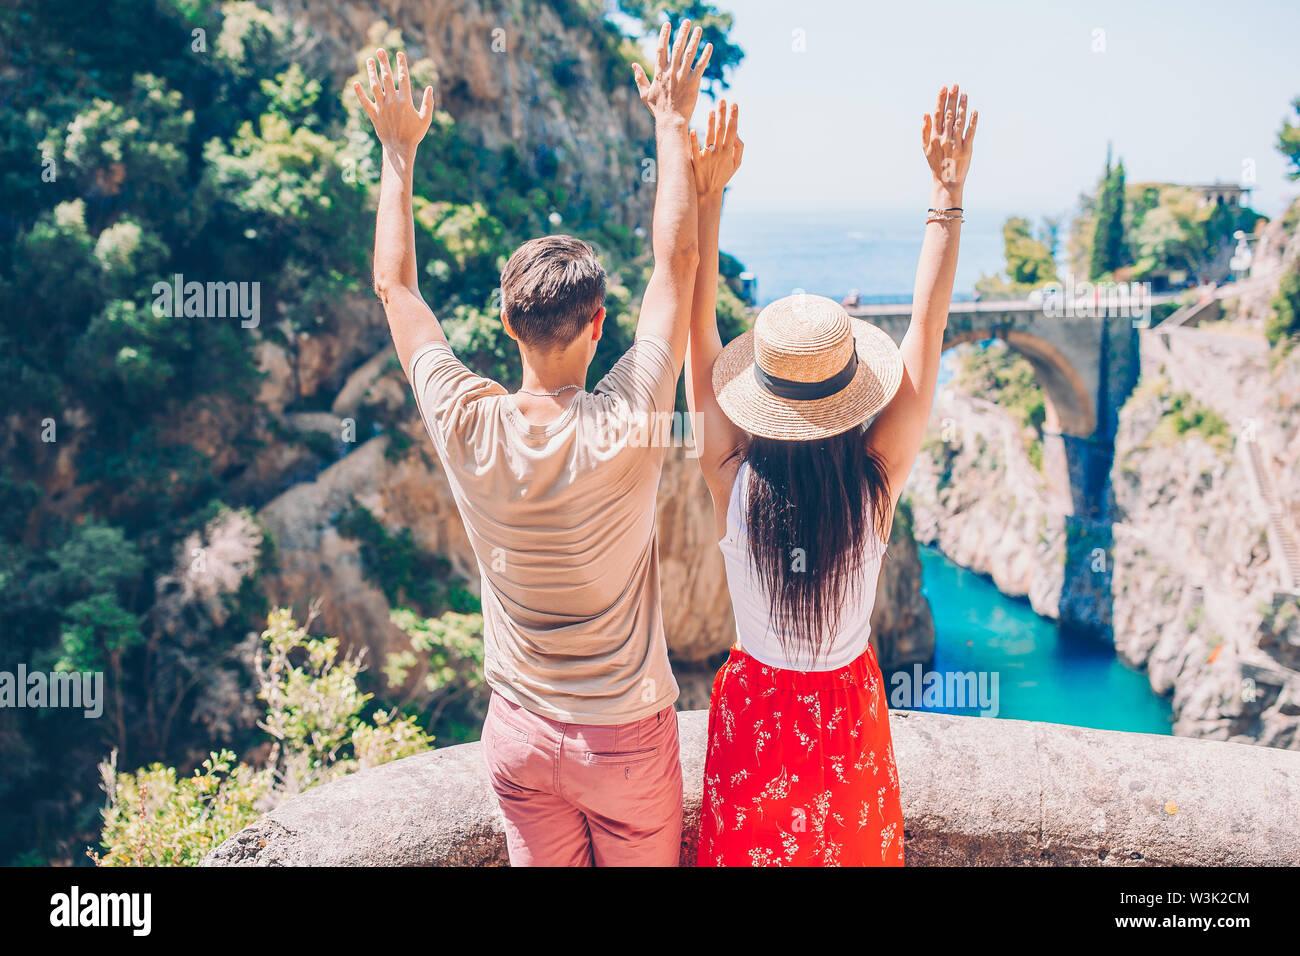 Famous fiordo di furore beach seen from bridge. - Stock Image